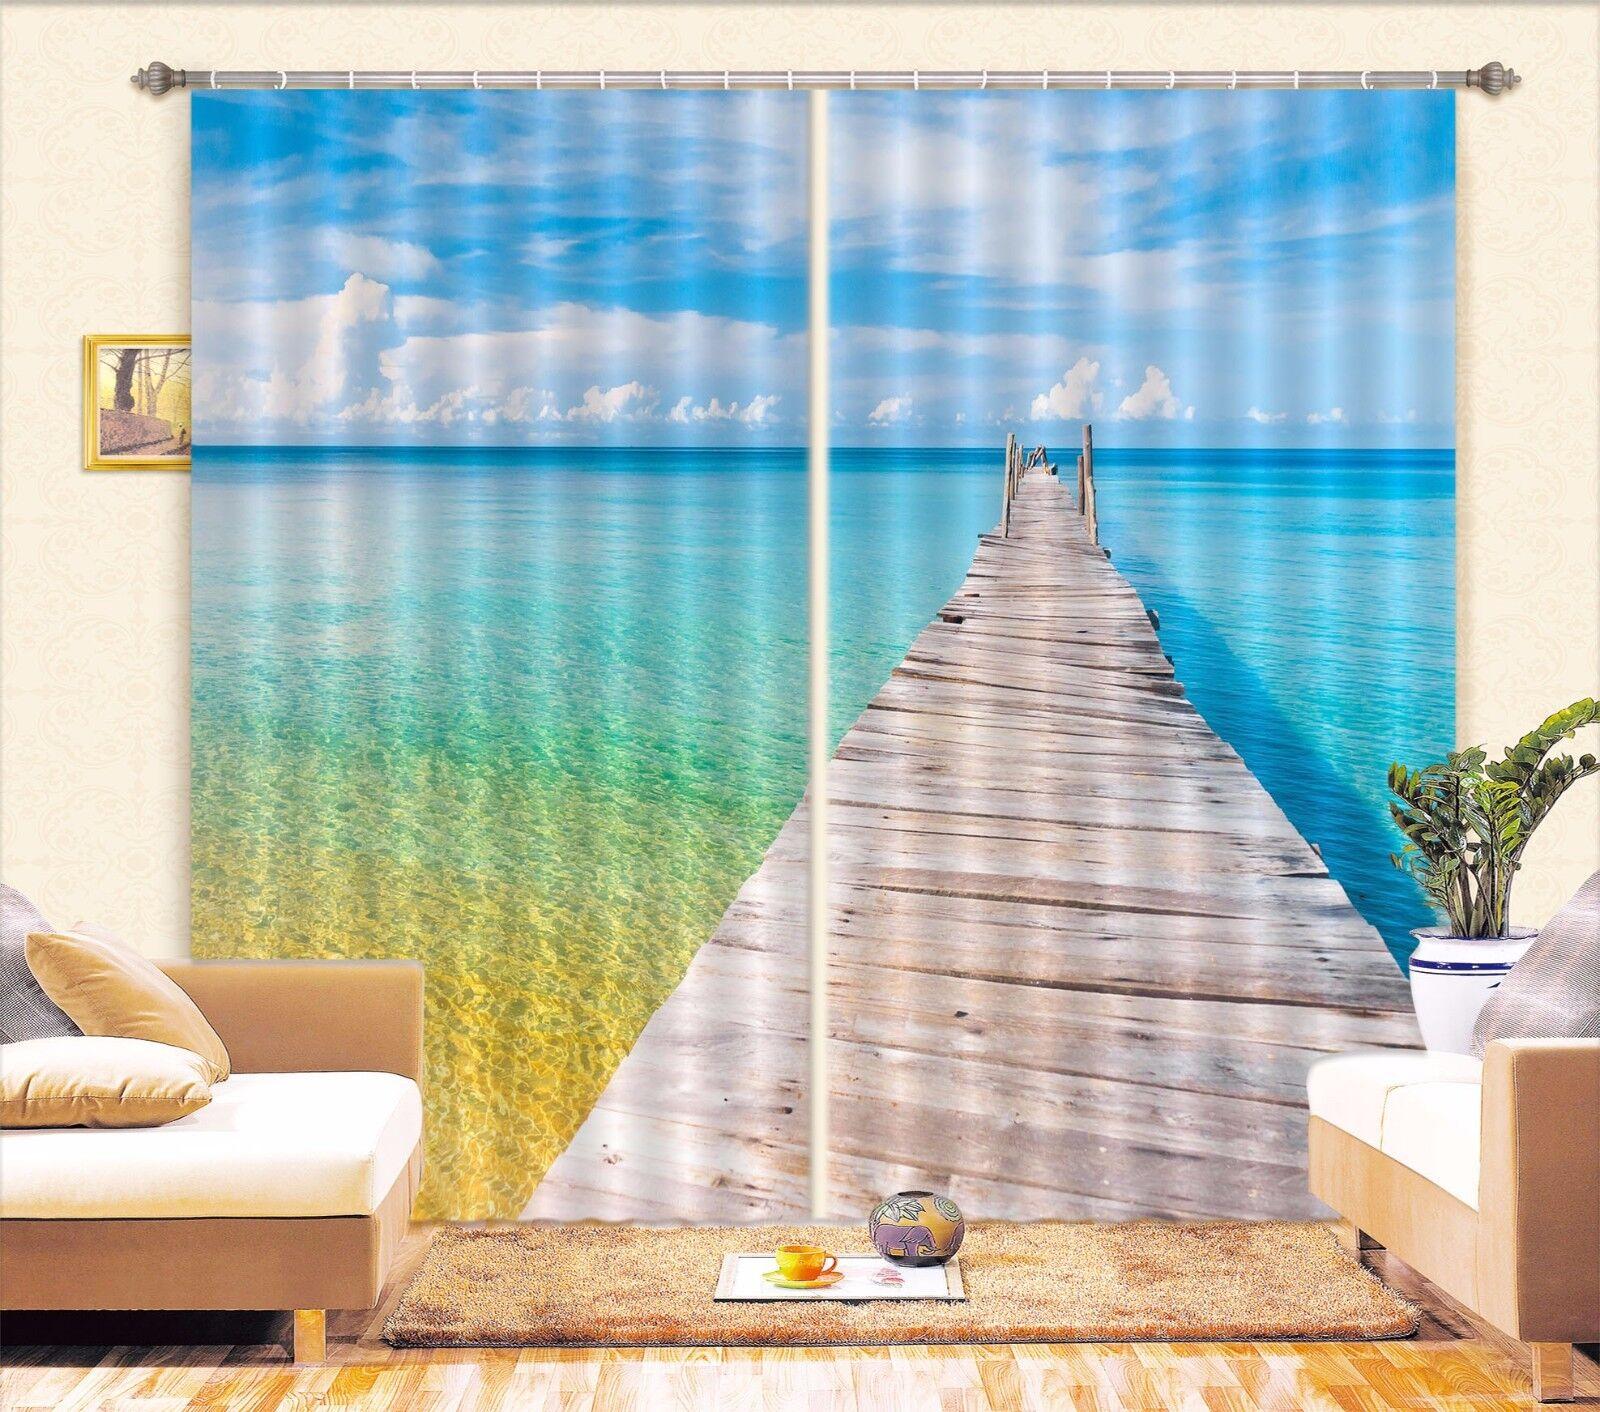 3D Mar Azul 209 Cortinas de impresión de cortina de foto Blockout Tela Cortinas Ventana Reino Unido